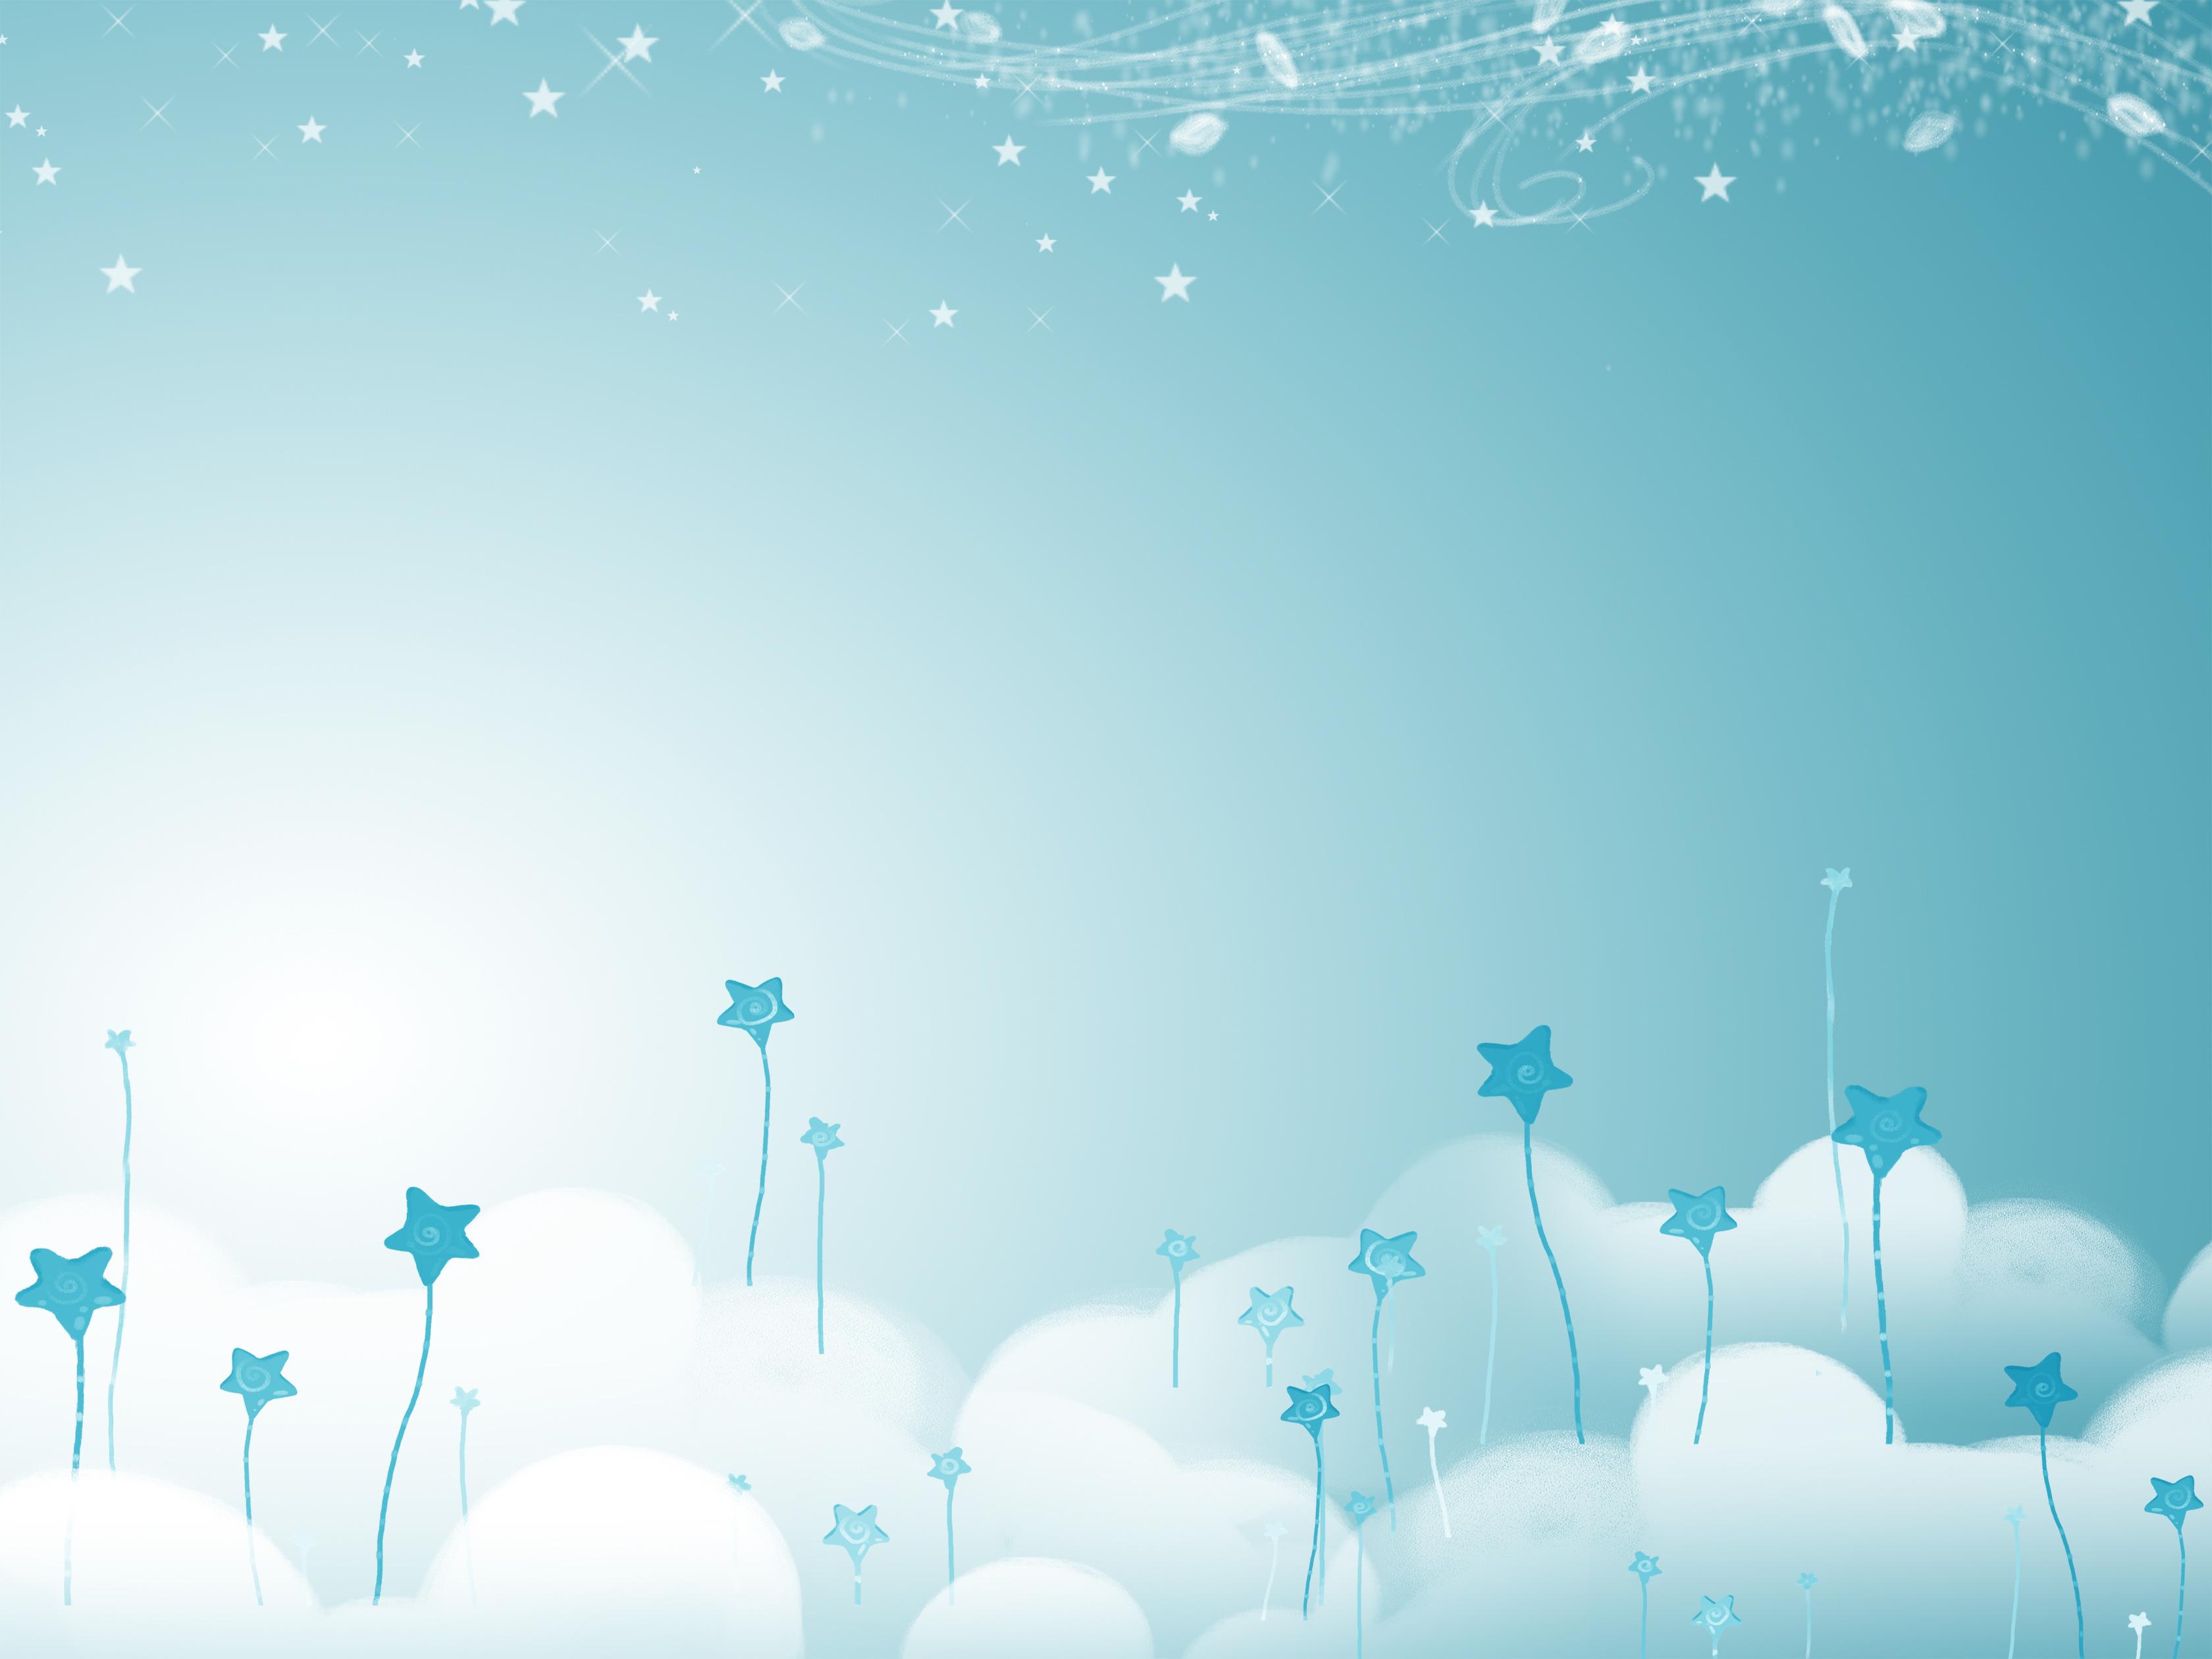 l image d arri u00e8re plan simple affiche le mod u00e8le bleu ciel